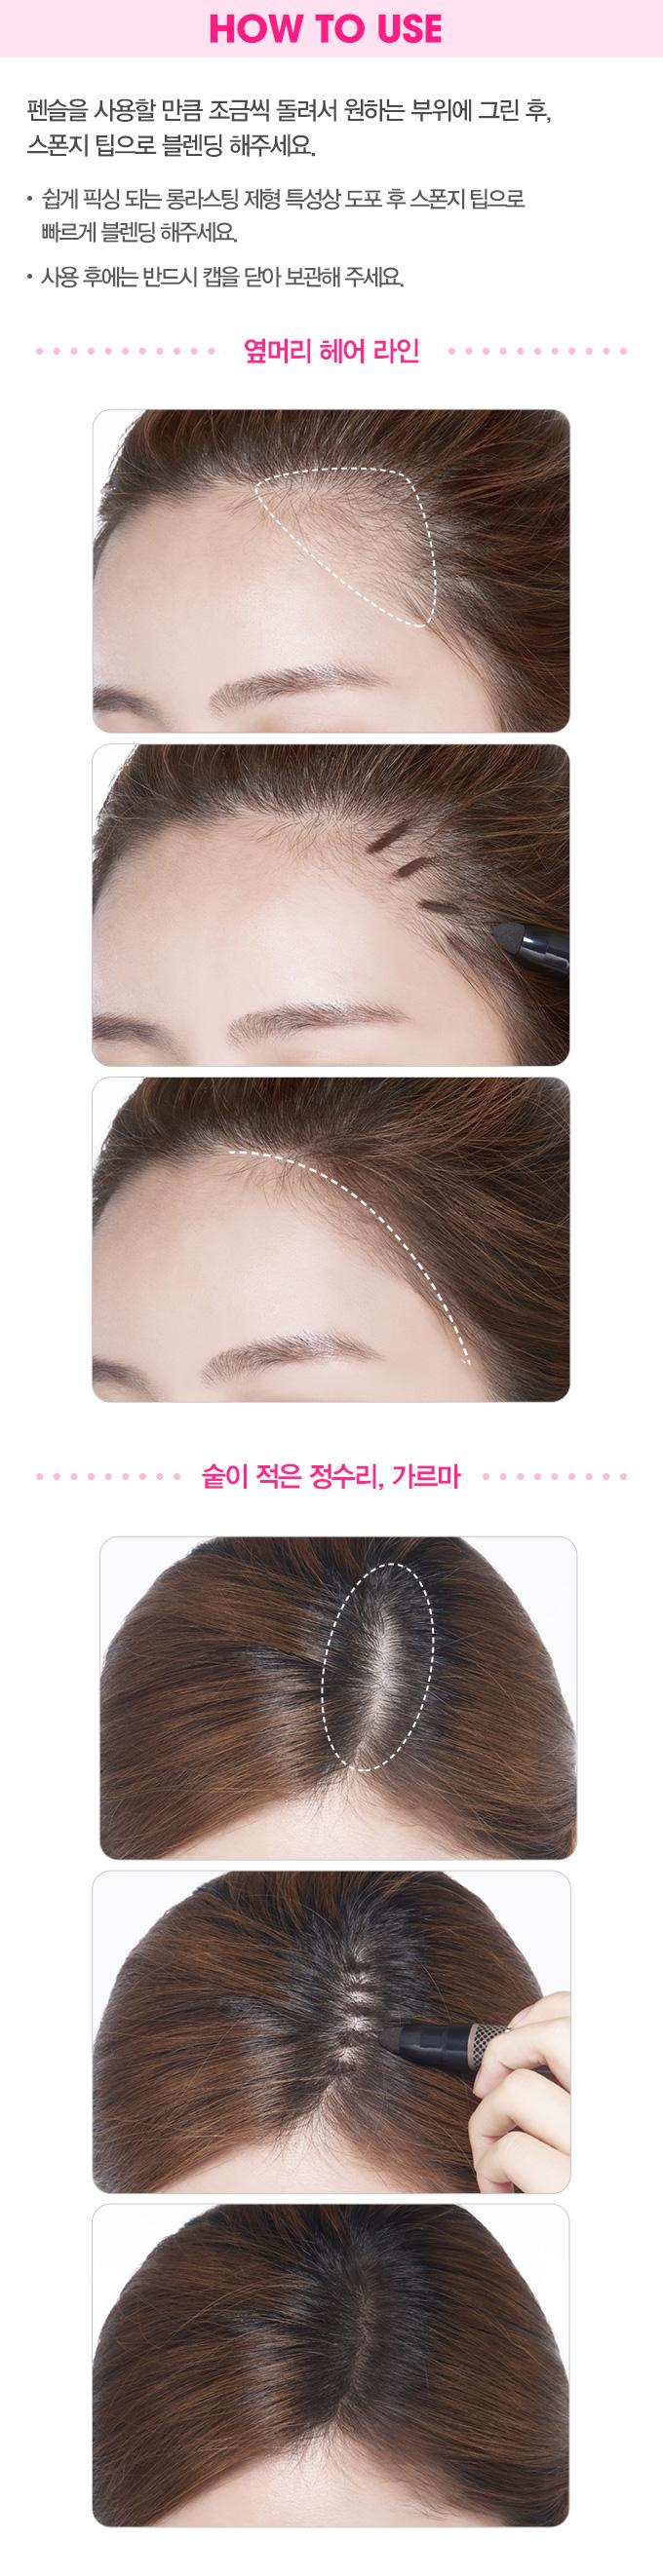 hair-img3-1-.jpg